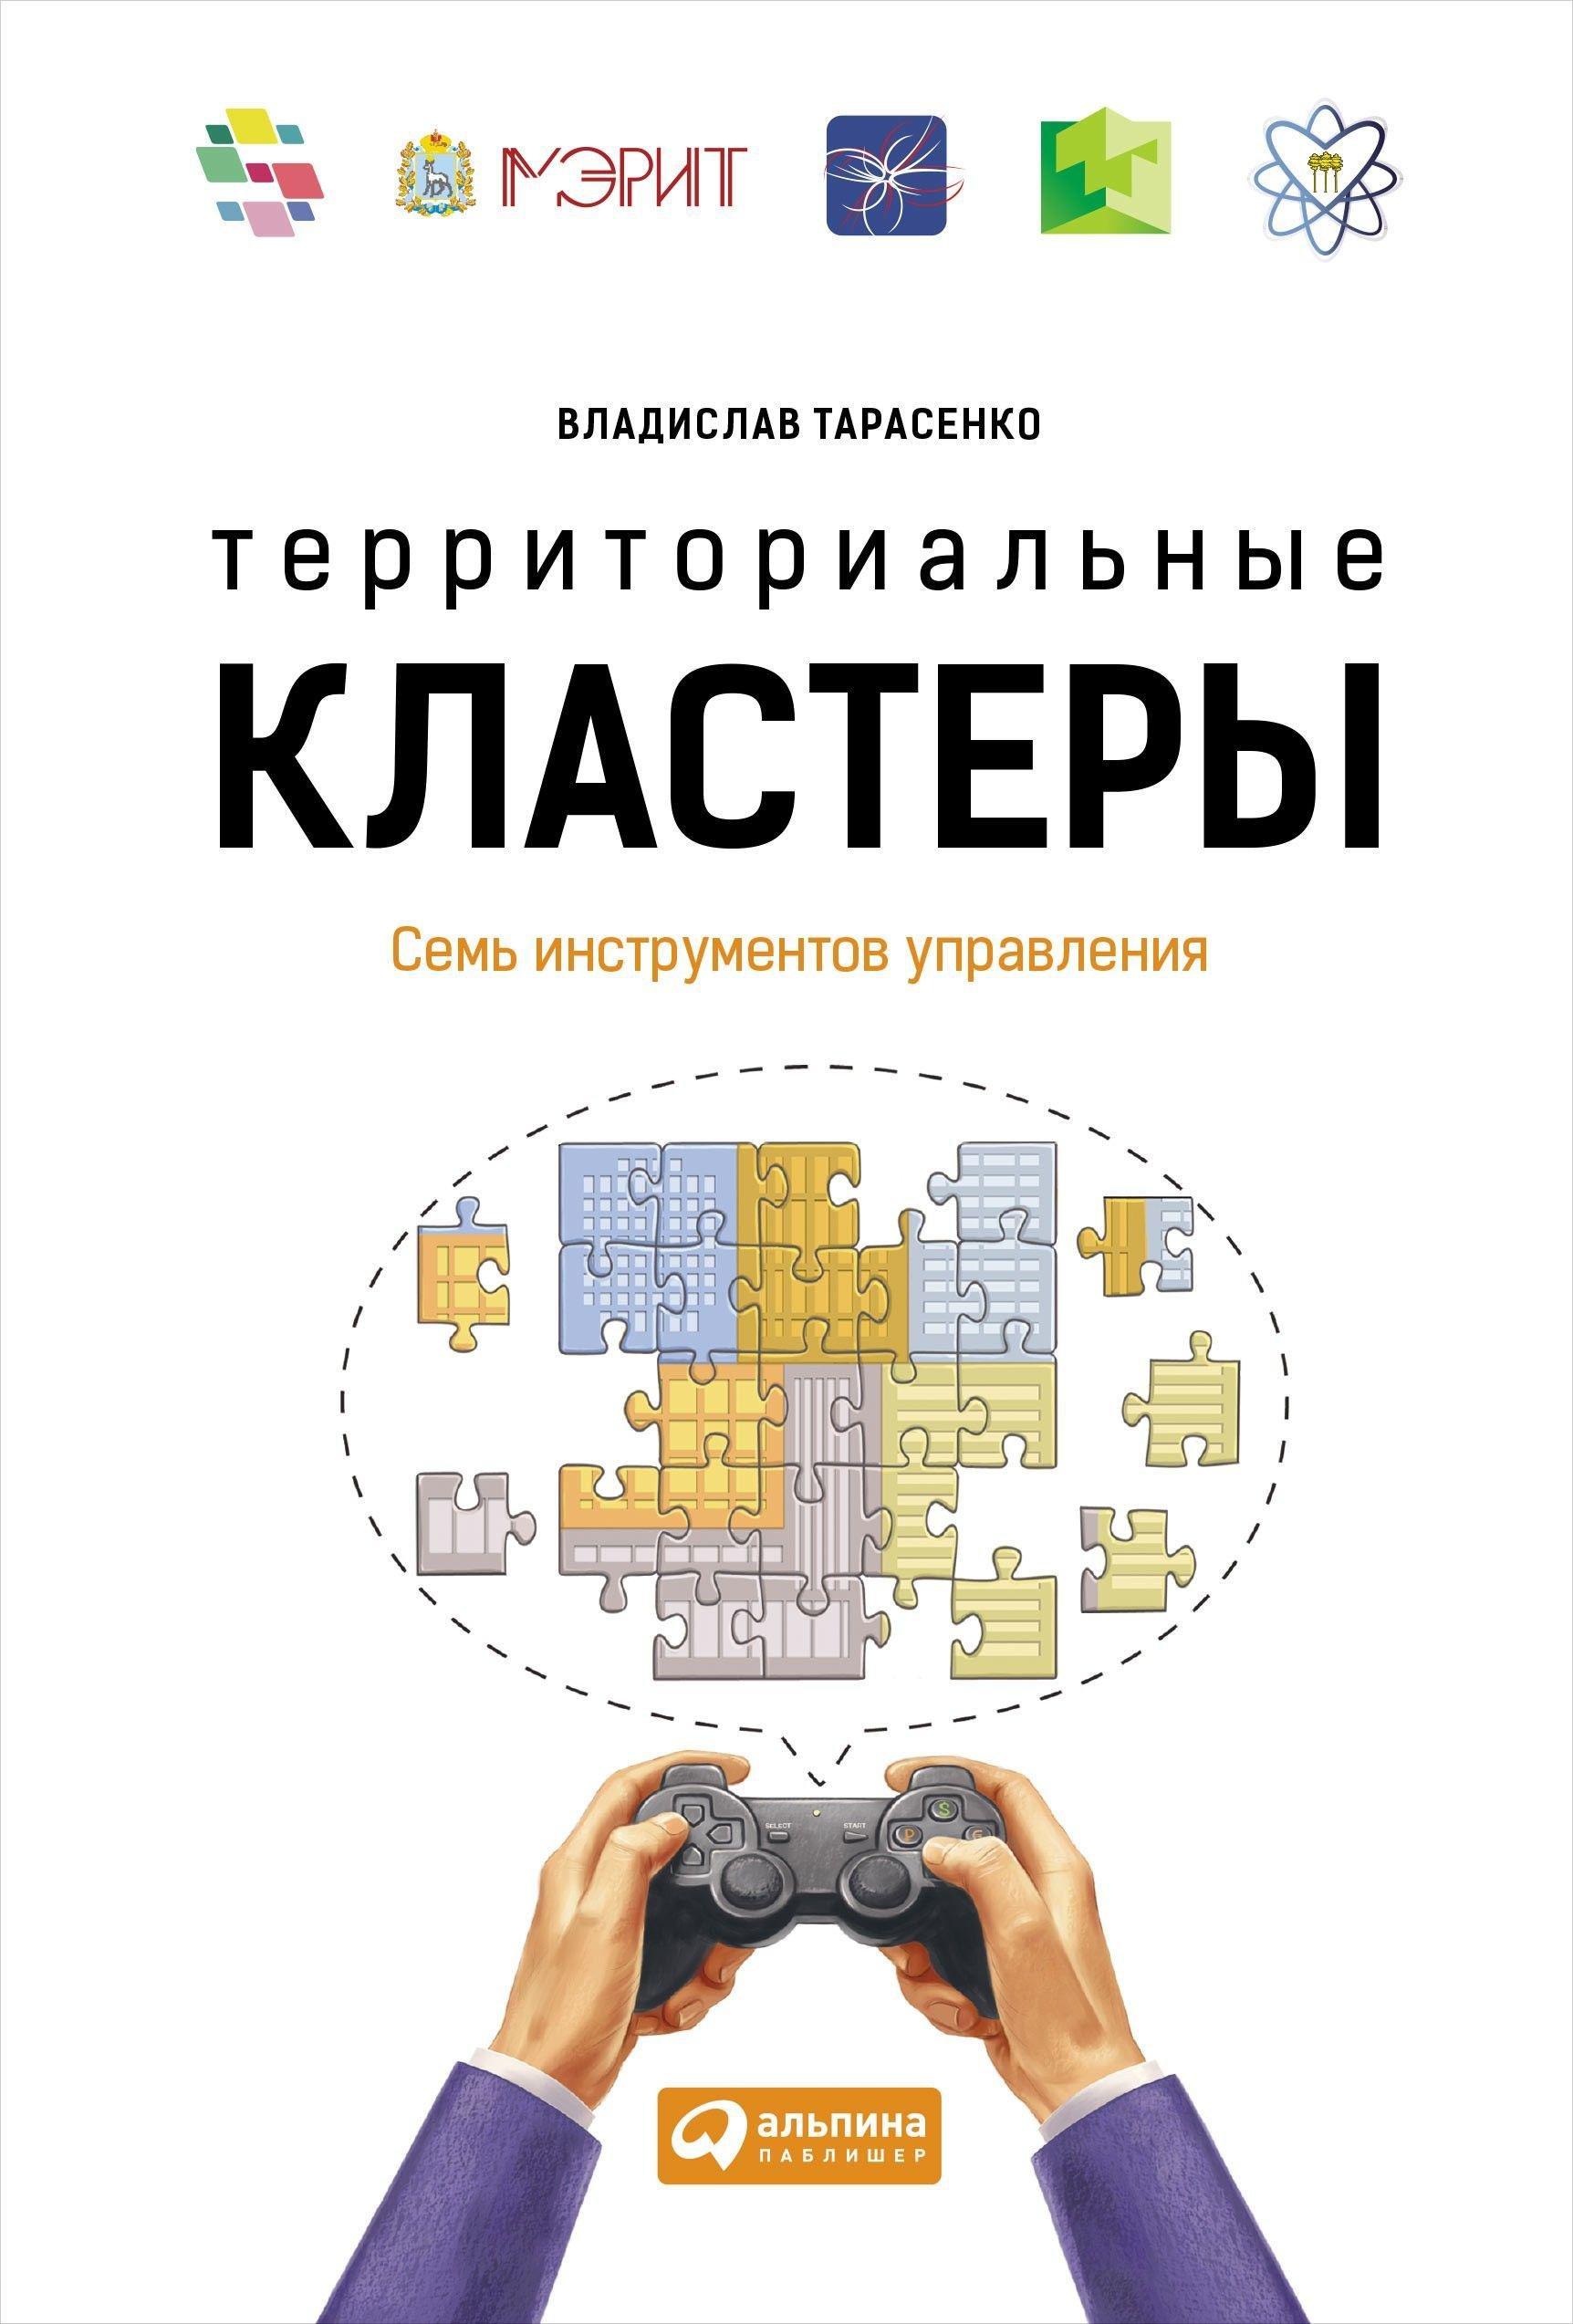 Тарасенко В. Территориальные кластеры: Семь инструментов управления